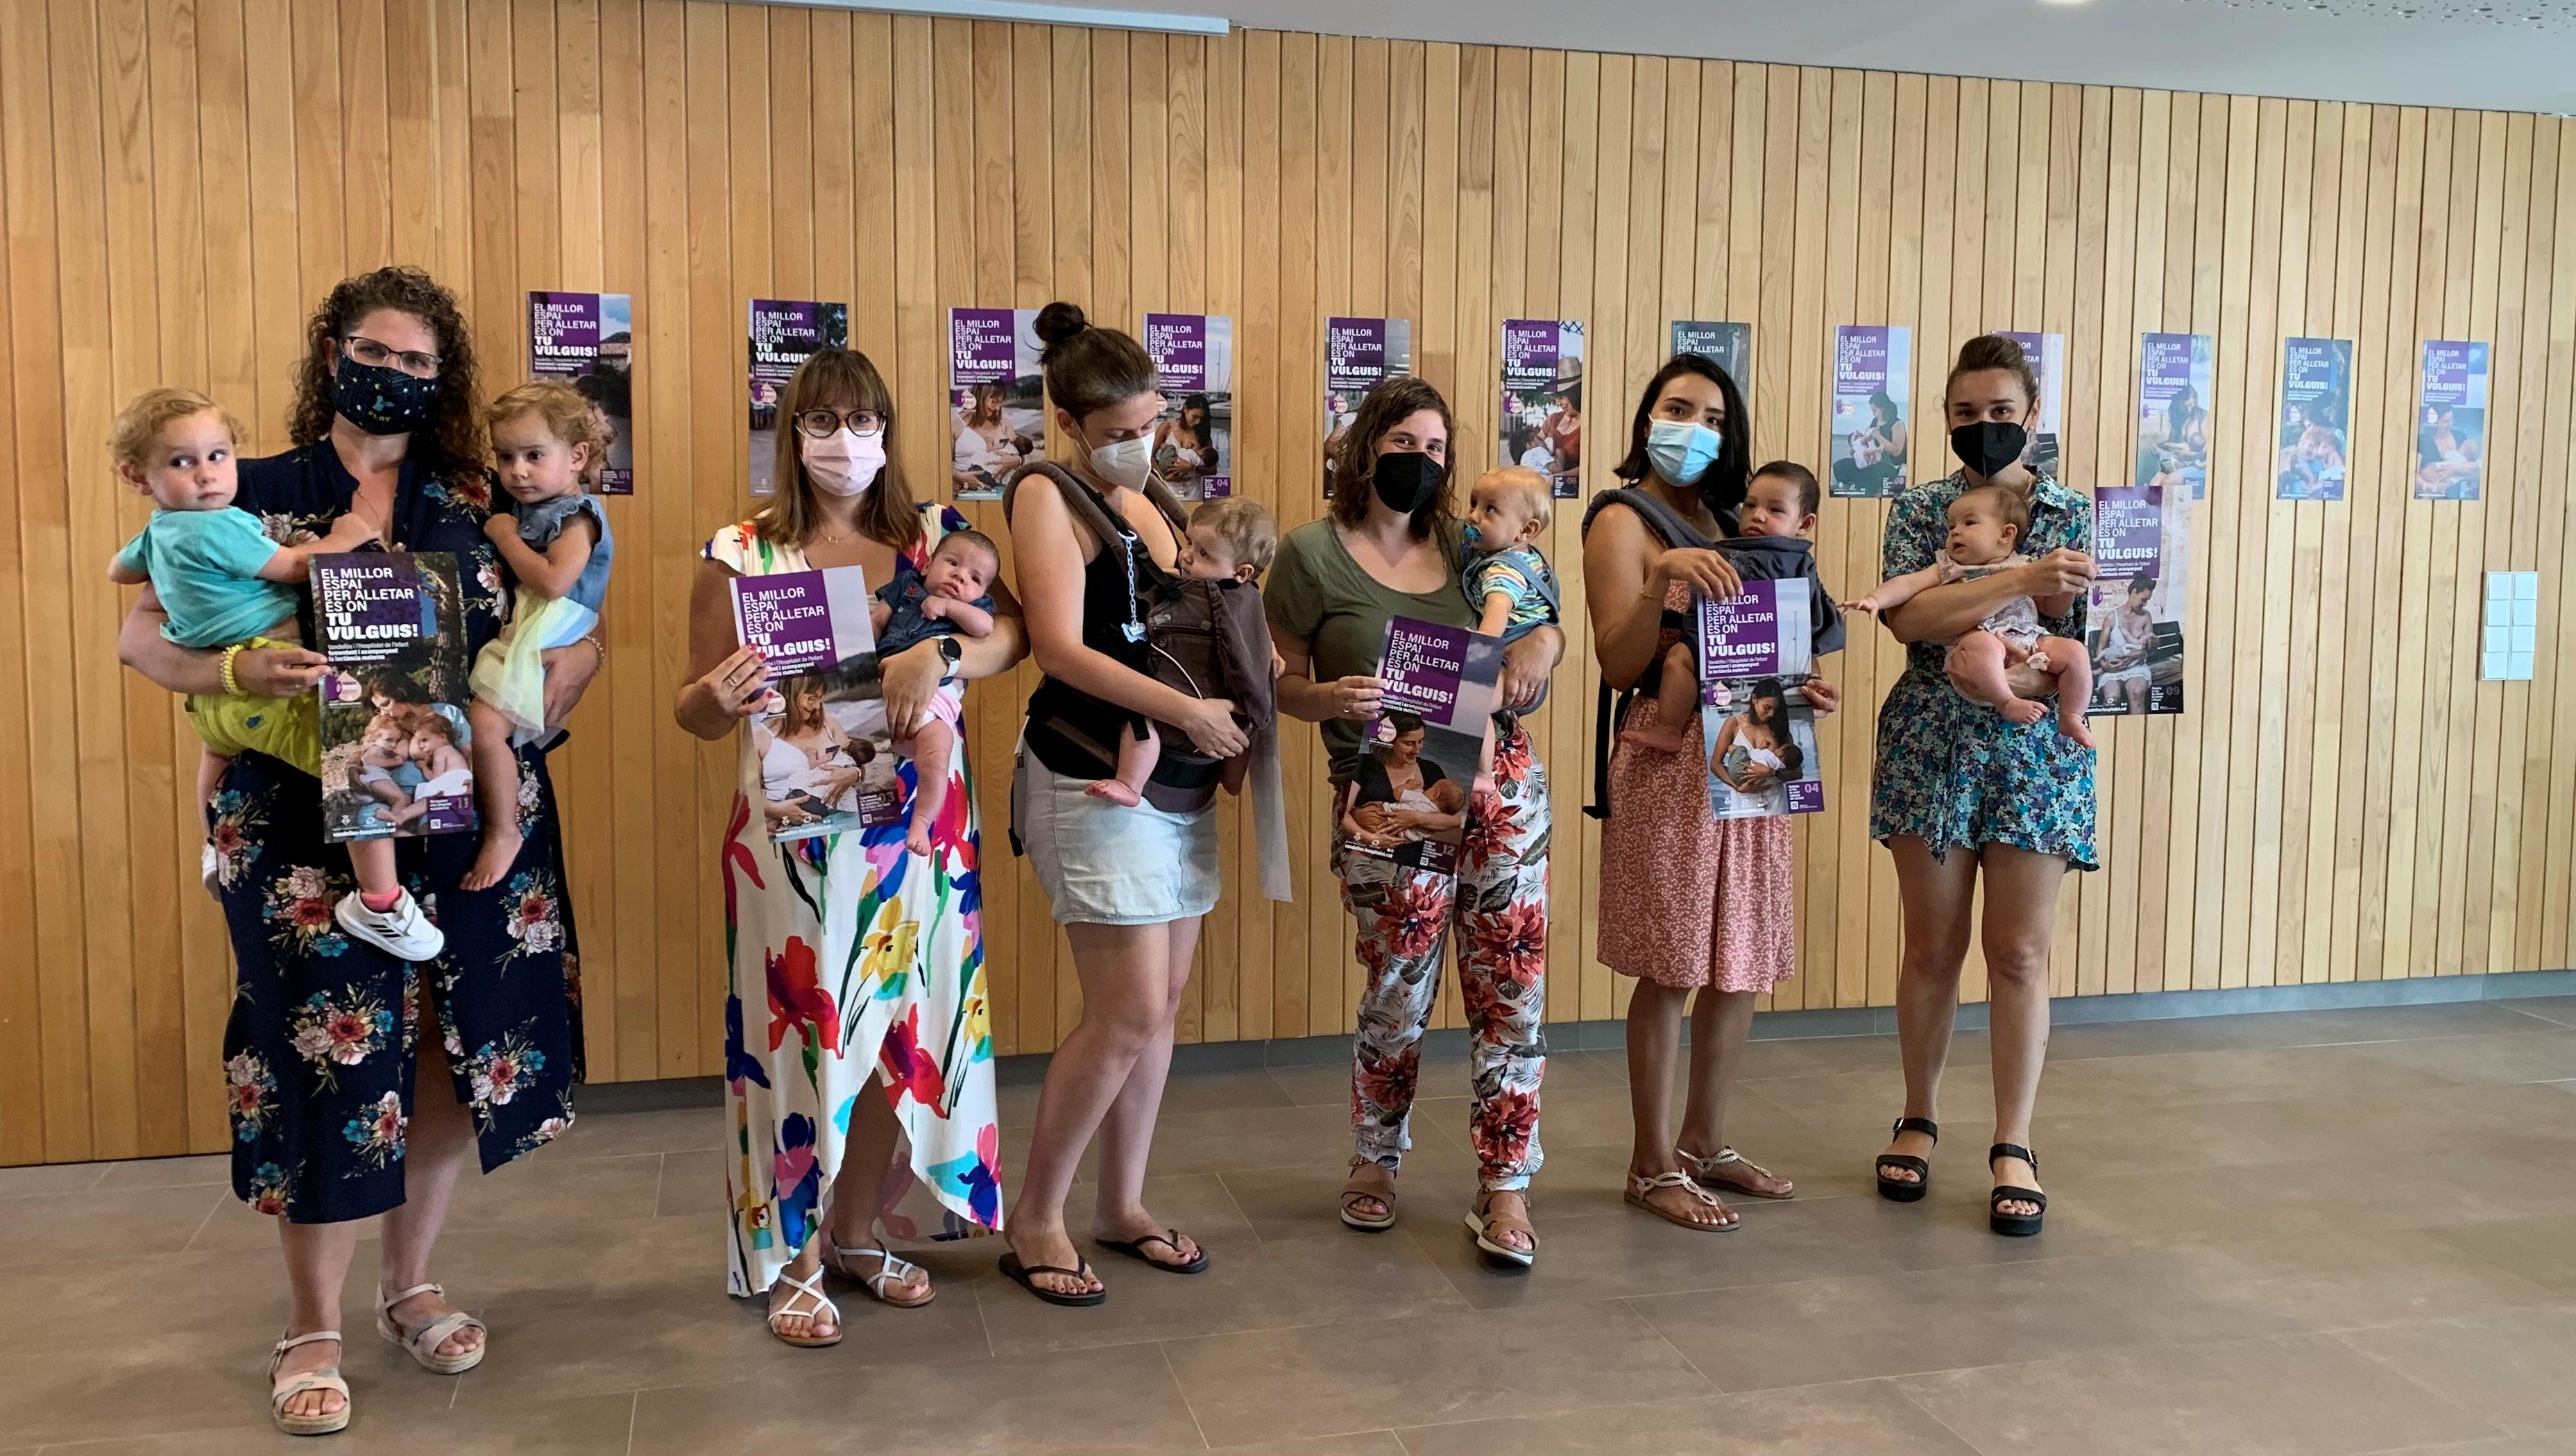 Quasi un centenar d'establiments de Vandellòs i l'Hospitalet de l'Infant s'han adherit ja a la campanya «Treu pit!» de l'Ajuntament